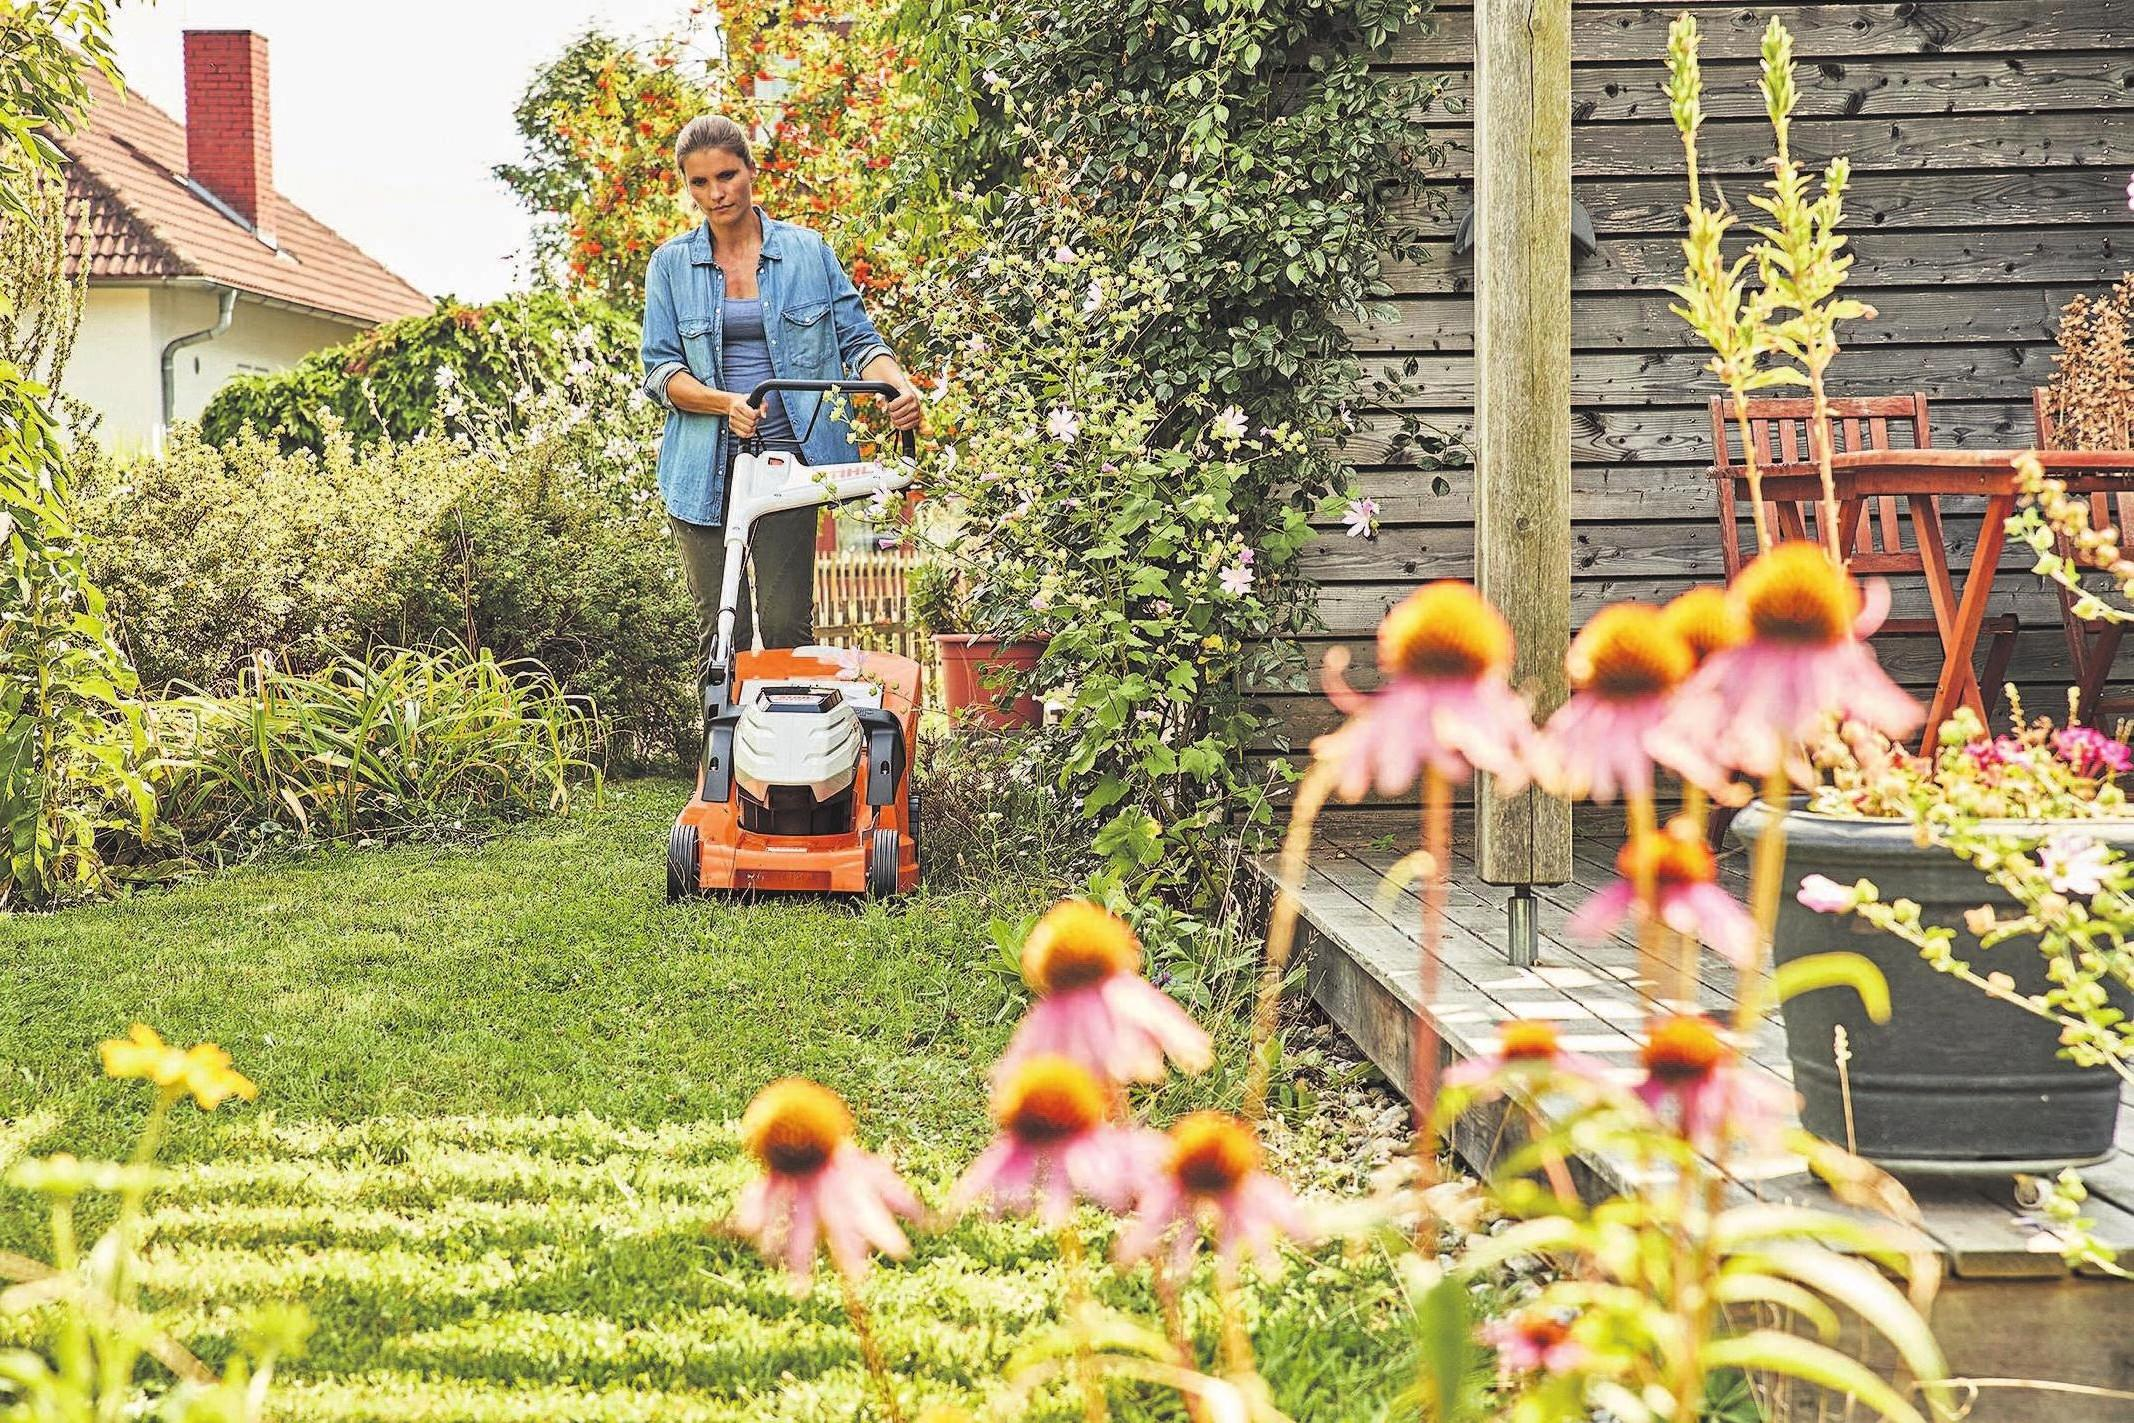 Nicht zu kurz, dafür lieber regelmäßig: So lautet die Maxime für das sommerliche Rasenmähen. Foto: djd/STIHL